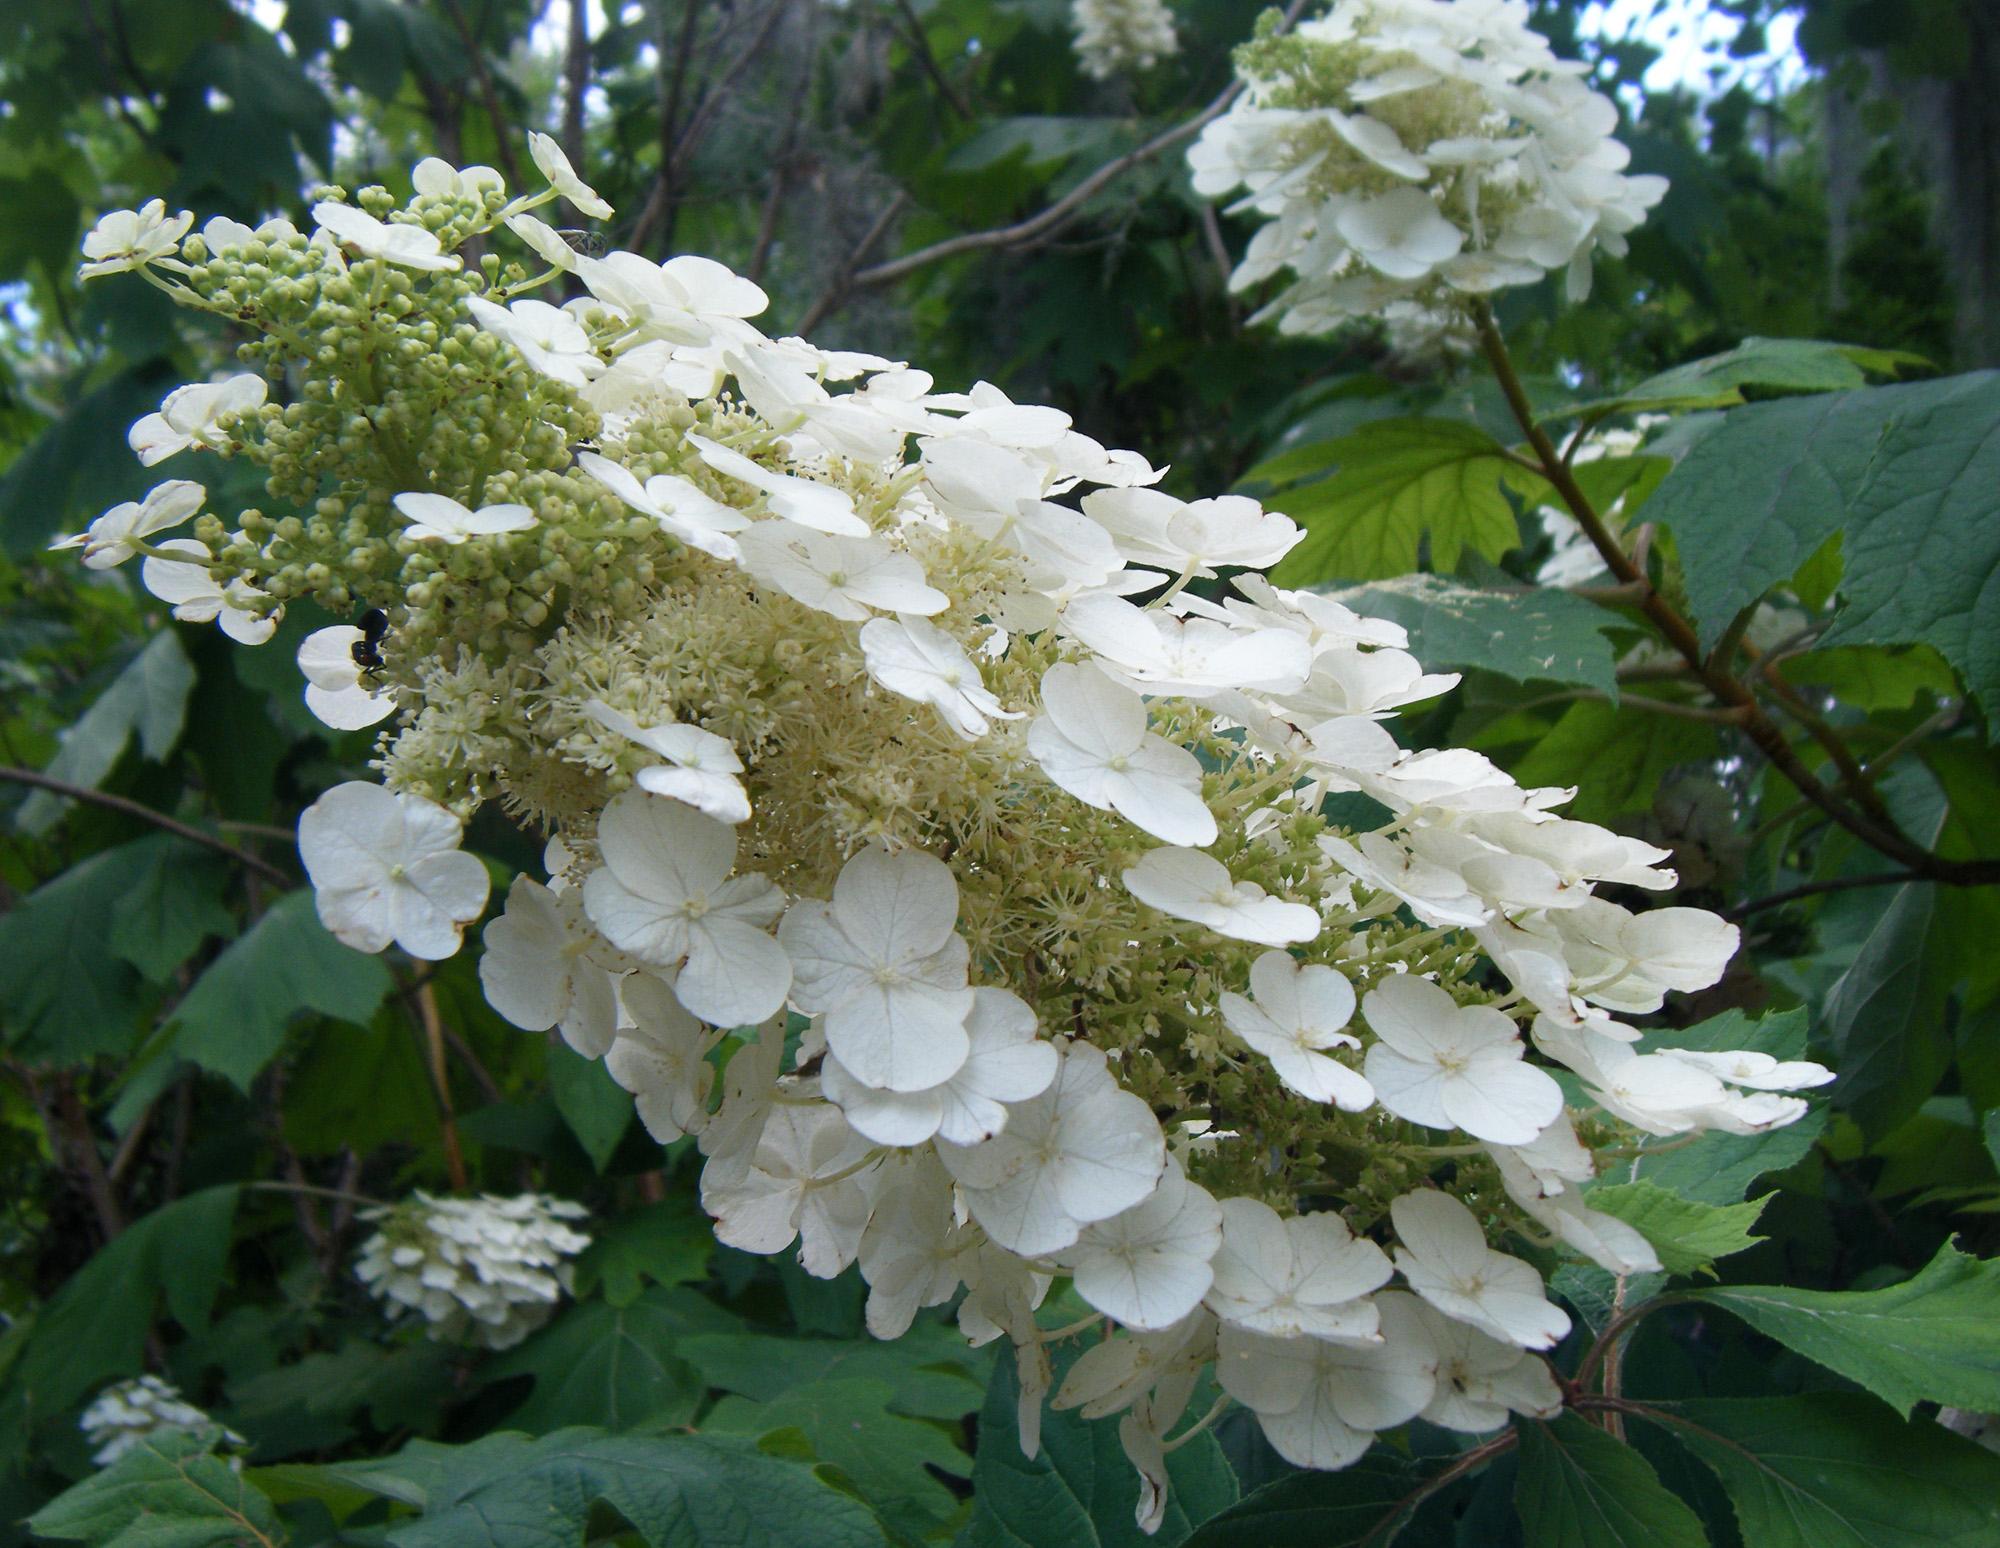 Yardflower Flower Arrangements